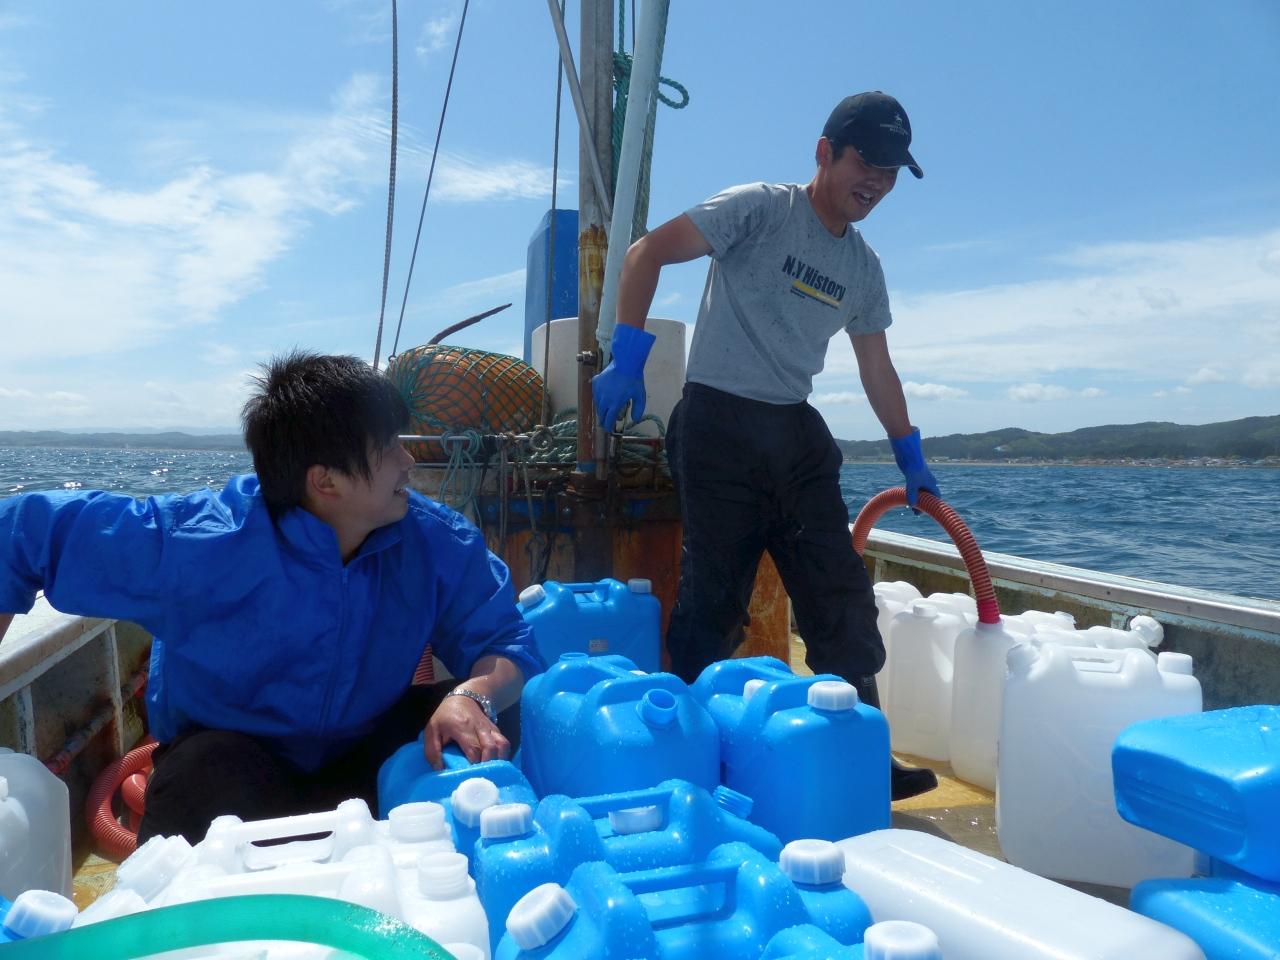 揺れる船上でも軽快に動き回る三浦さん(右)。鈴木さんも必死にお手伝い。